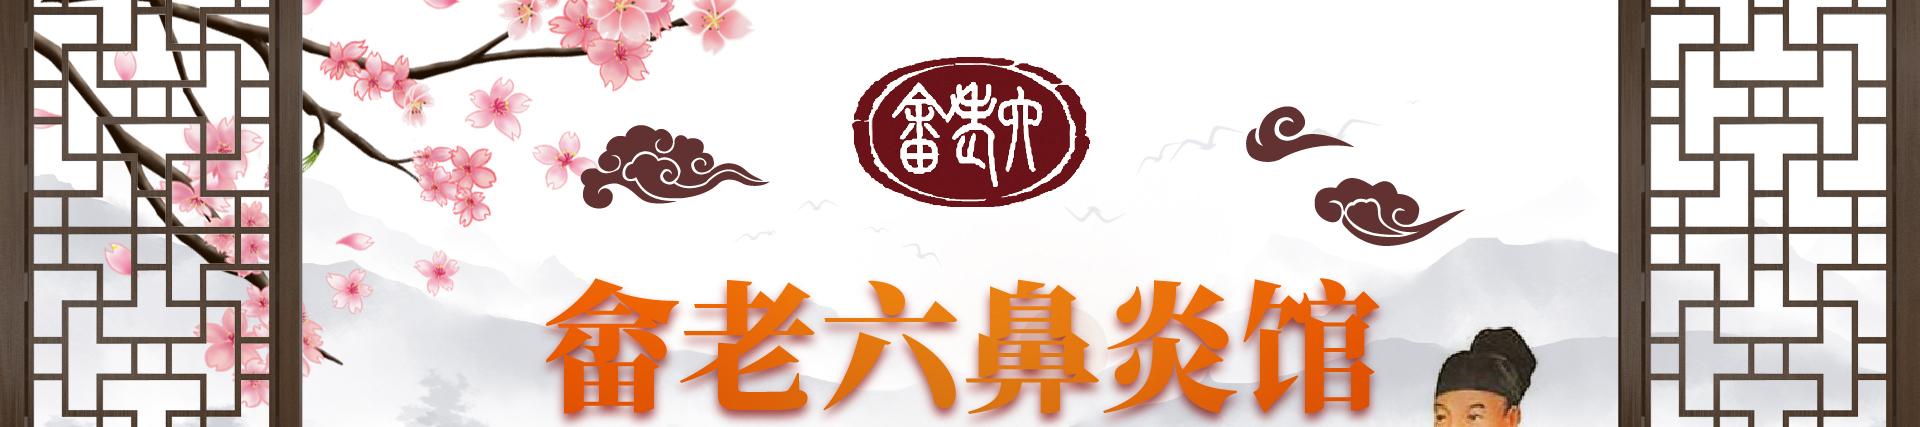 畲老六鼻炎馆sll_01